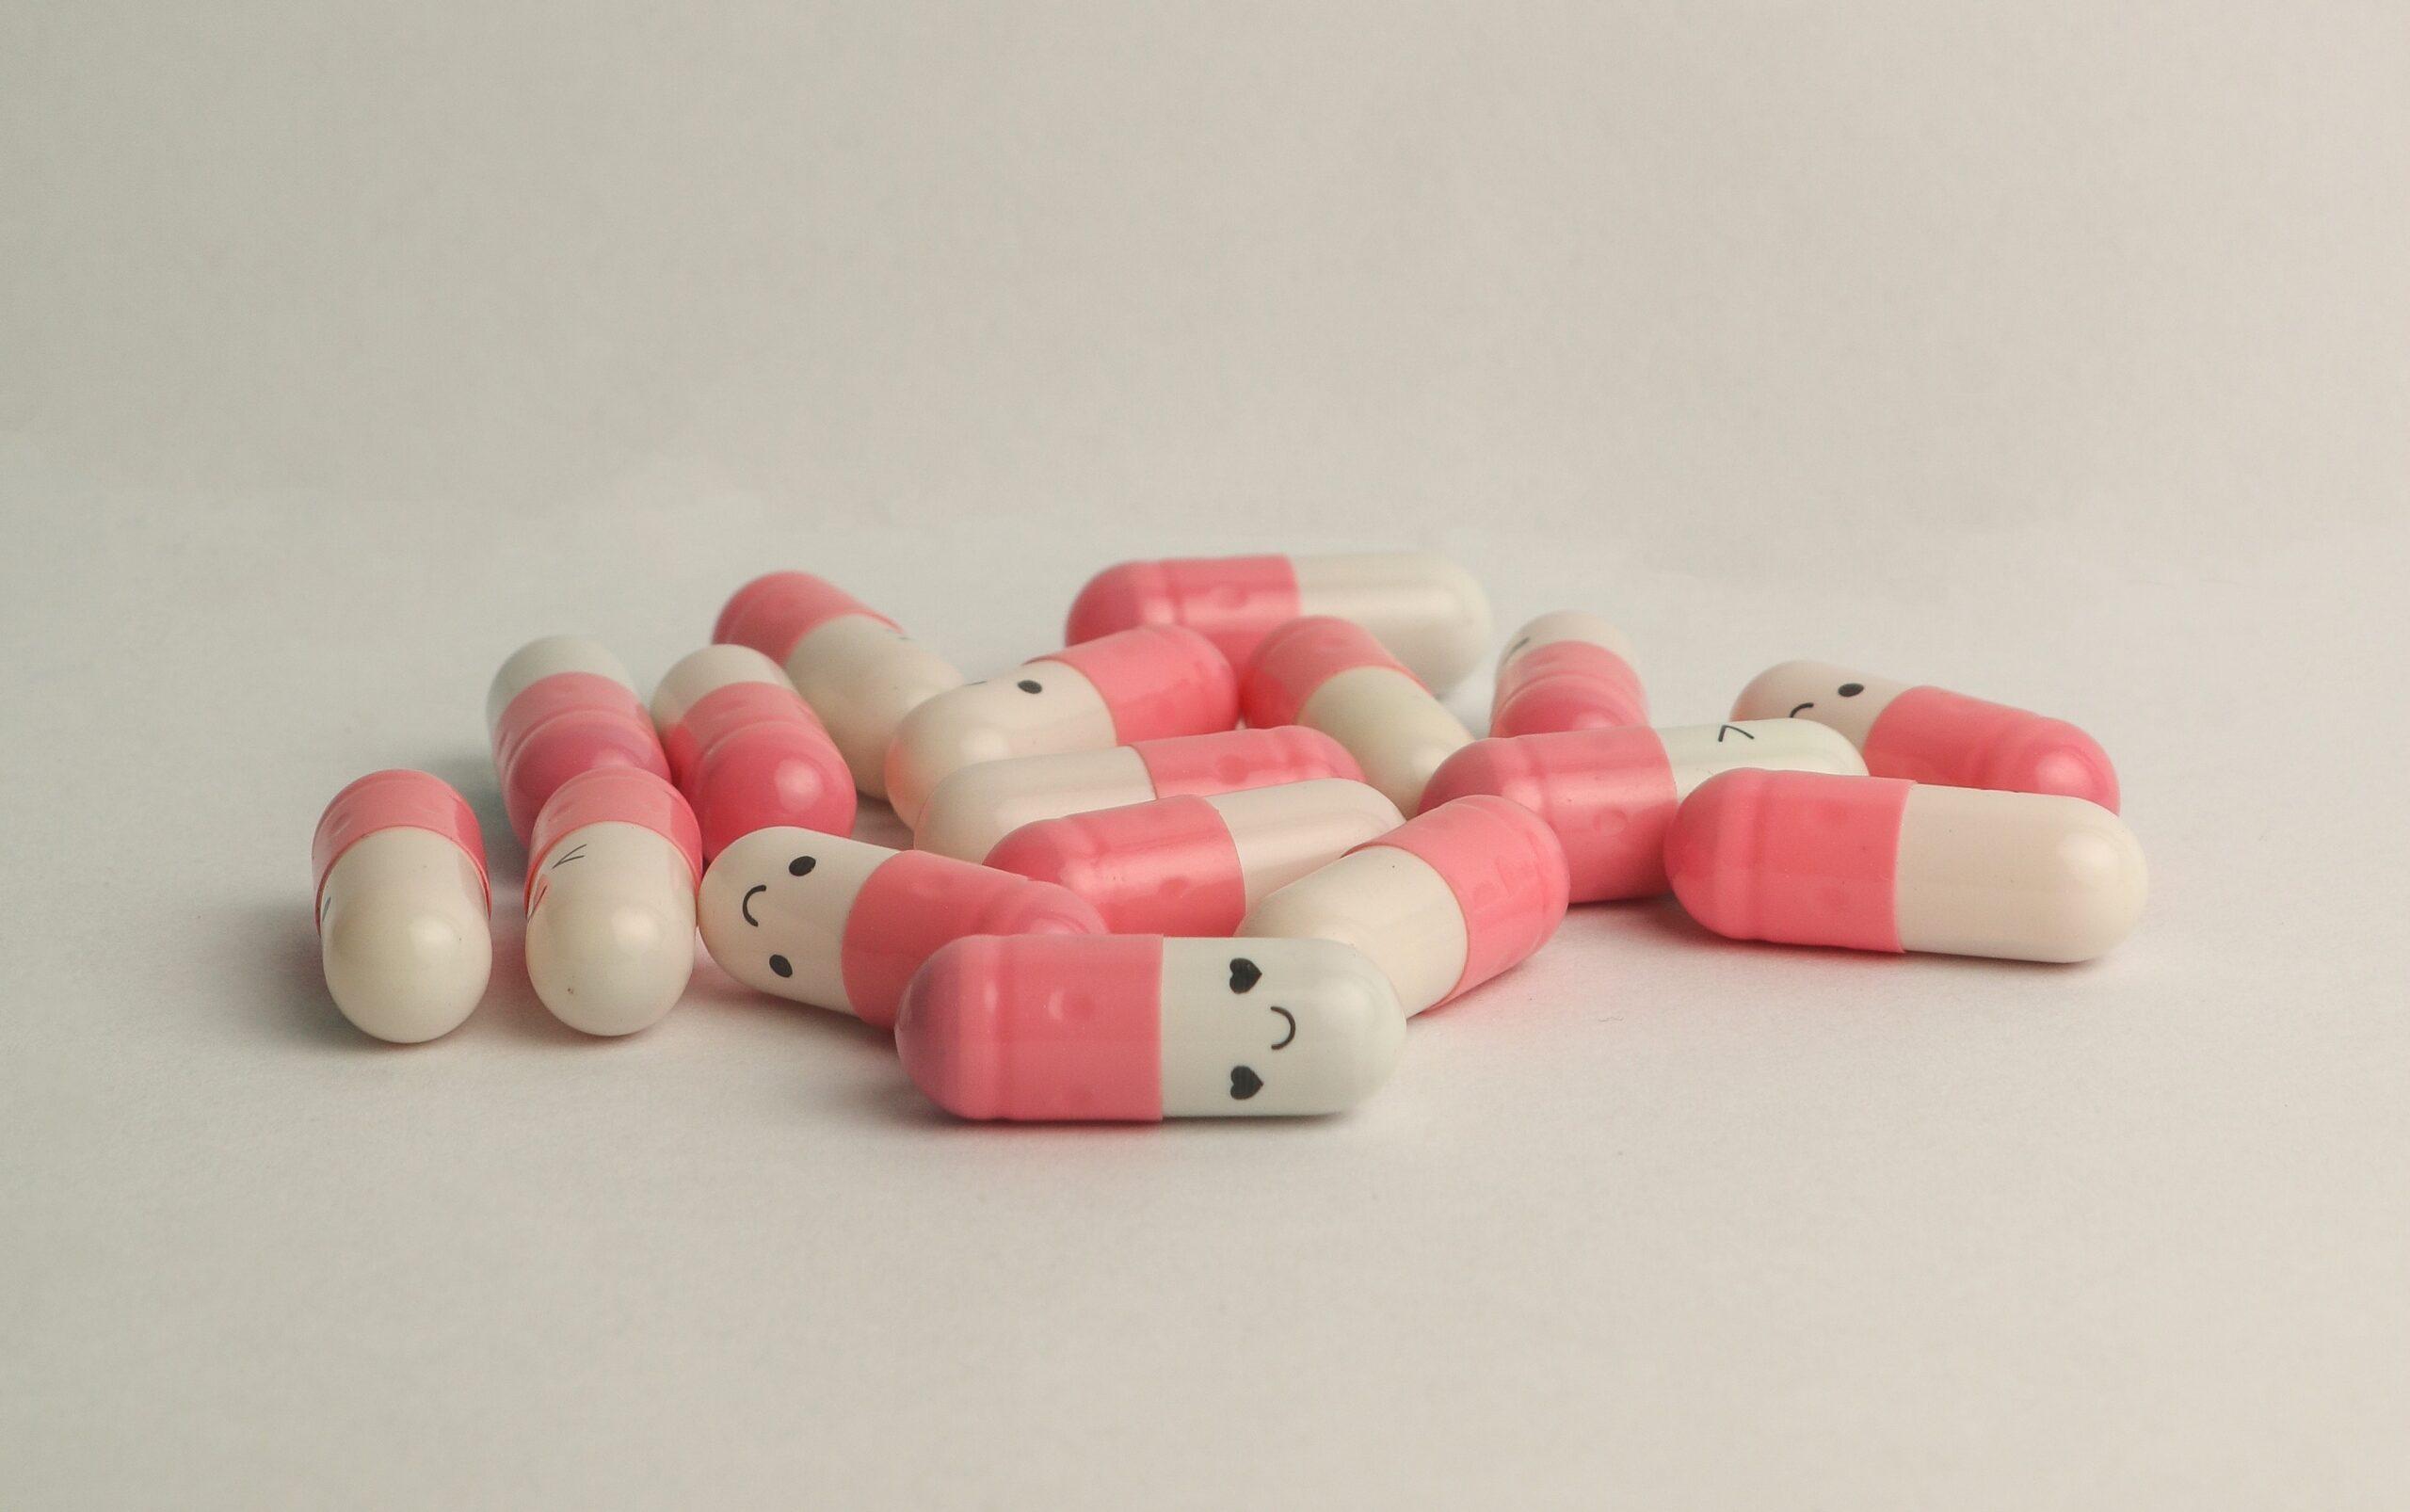 アルツハイマー病の新薬アデュカヌマブ